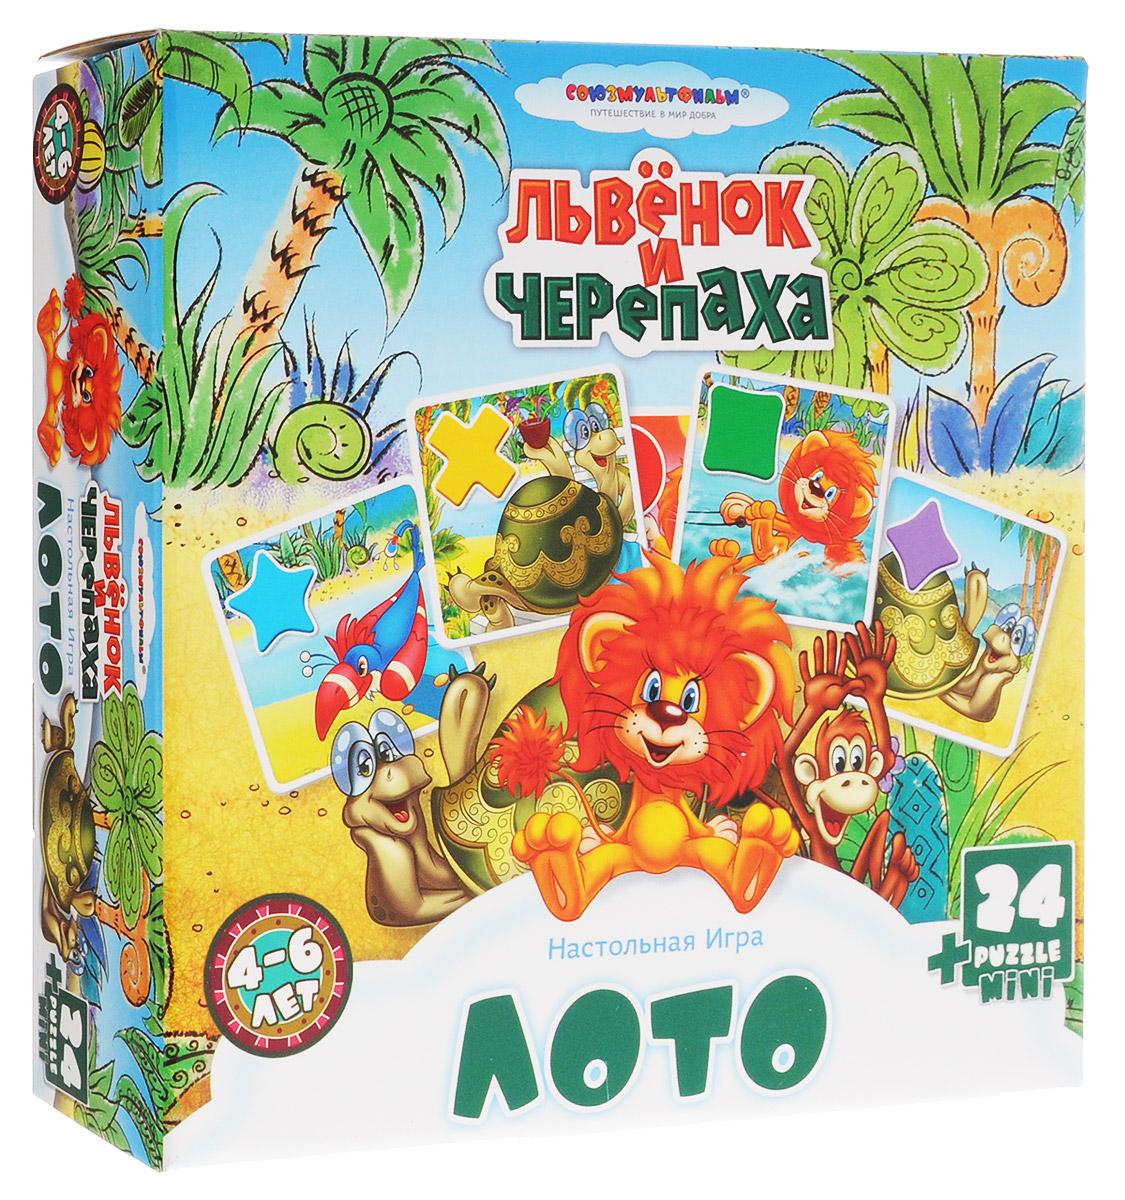 Оригами Лото Львенок и ЧерепахаАрт(О) 10918Детское лото Львенок и Черепаха позволит вам и вашему малышу весело и с пользой провести время, ведь совместная игра - лучший способ узнать ребенка и научить его чему-нибудь новому. В состав входят шесть картинок с яркими изображениями и 30 карточек из плотного картона с красочными изображениями любимых героев мультфильма. В дополнение к игре имеется пазл с героями мультфильма из 24 элементов. Размер пазла: 15 см х 9,8 см. Подбирая картинки, дети не только запоминают их названия, но и тренируют мелкую моторику рук. Игра в лото помогает развивать интеллект, внимание и фотографическую память, учит логическому мышлению.